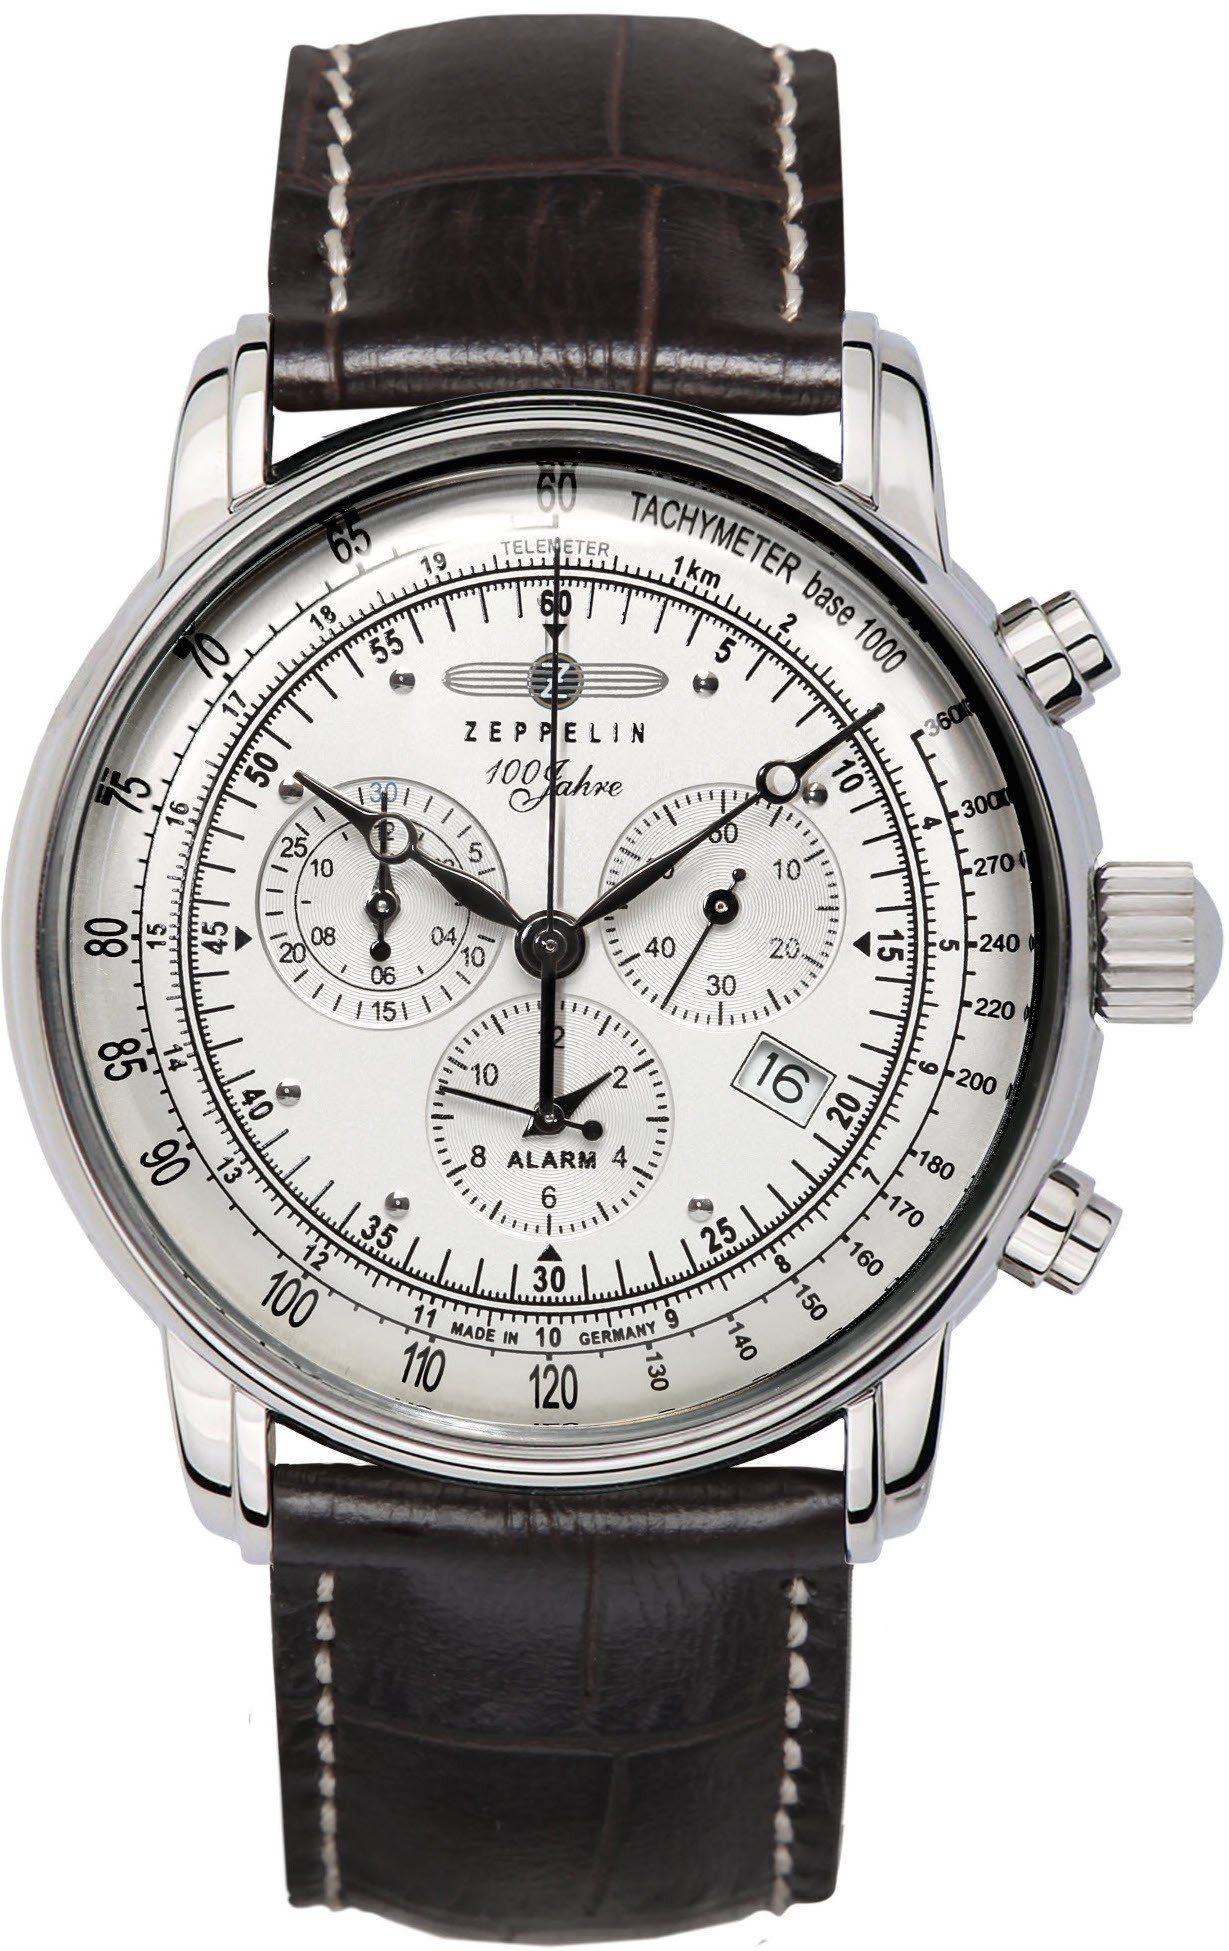 Raymond Weil Watch Nabucco Gibson D 7850 Tir Gibs1 Watch Erkek Kol Saatleri Watches Erkek Saat